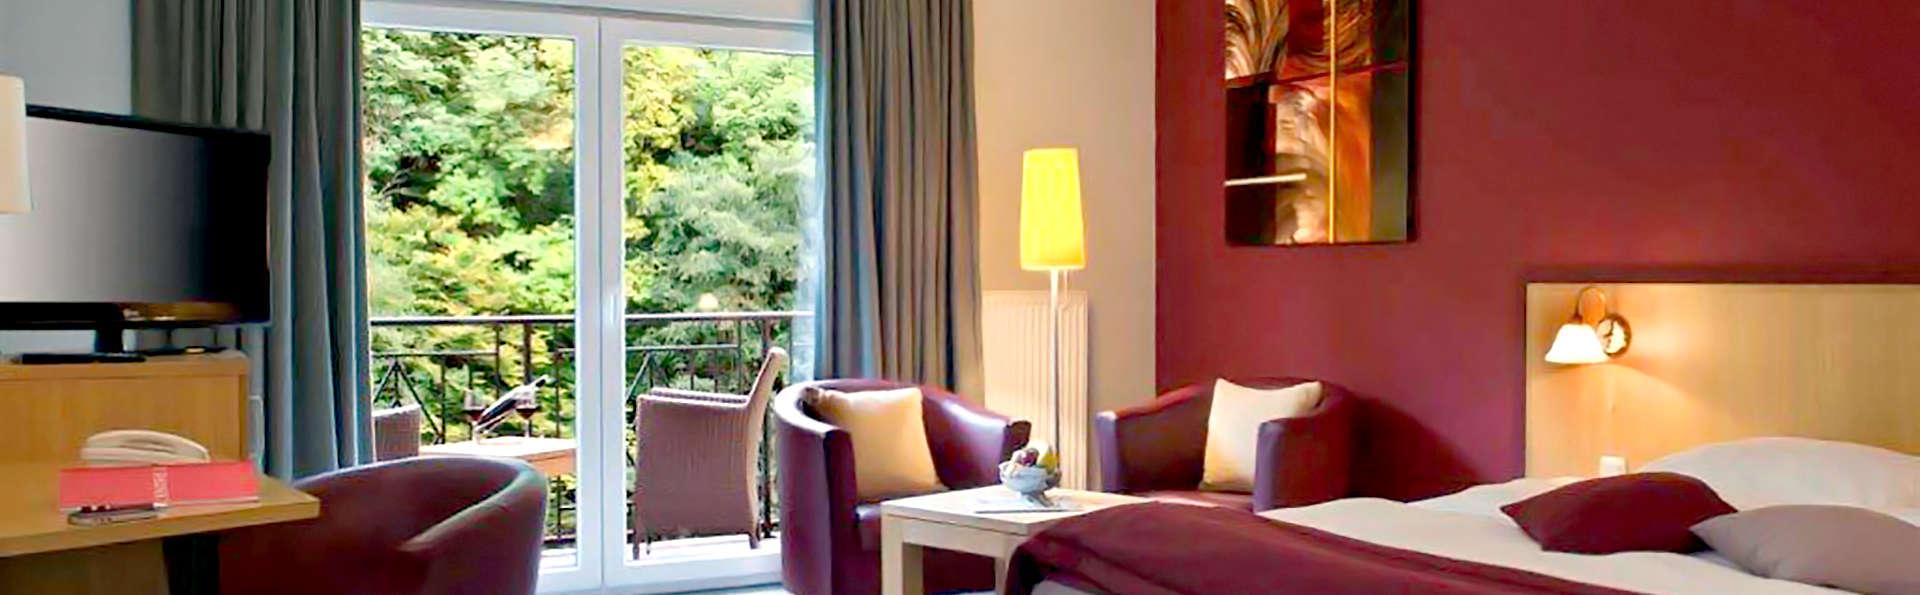 Cocoon Hotel Belair - Edit_Room2.jpg